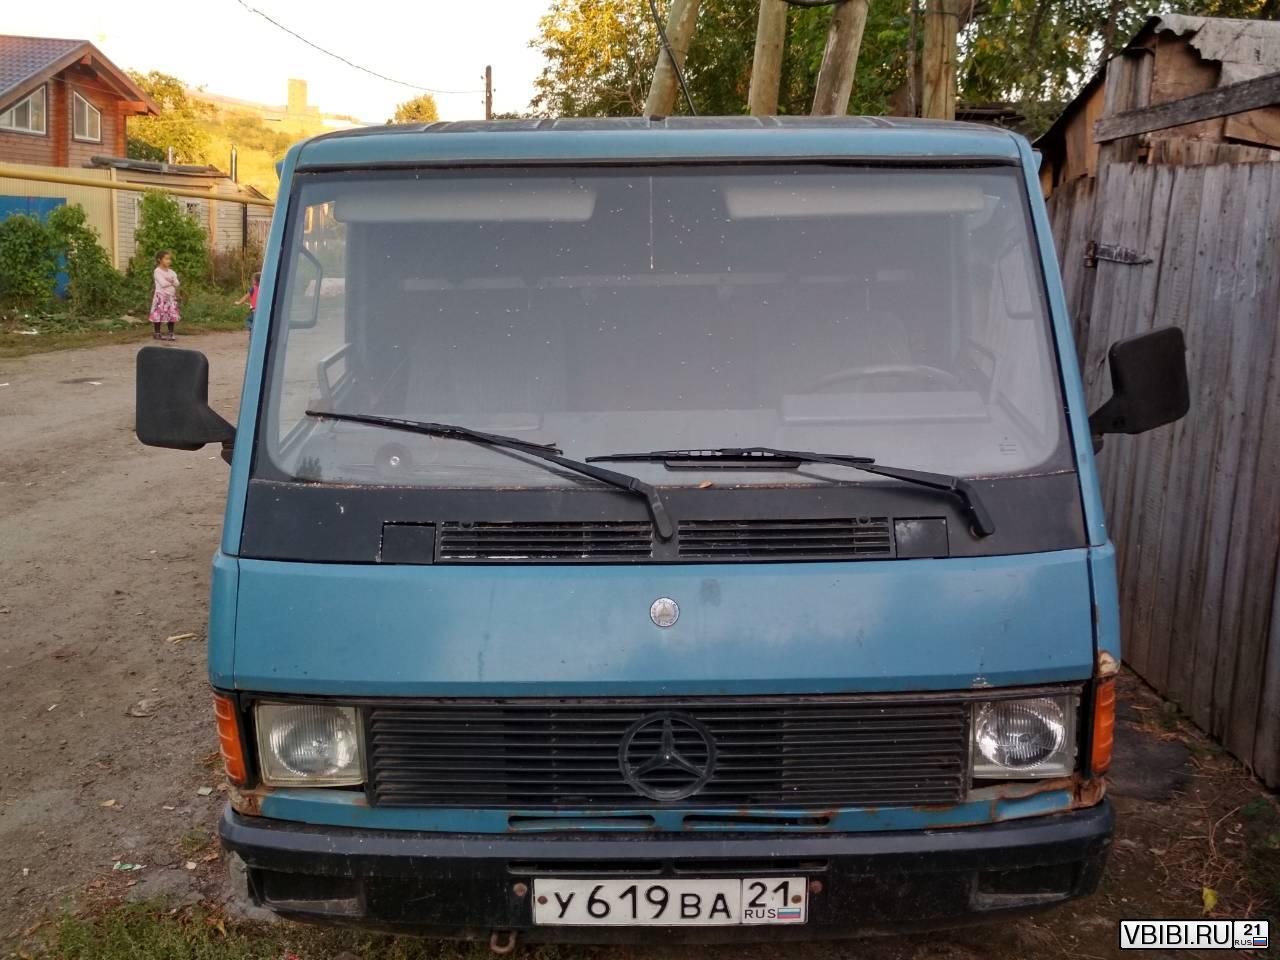 Mercedes-Benz 100d 1989